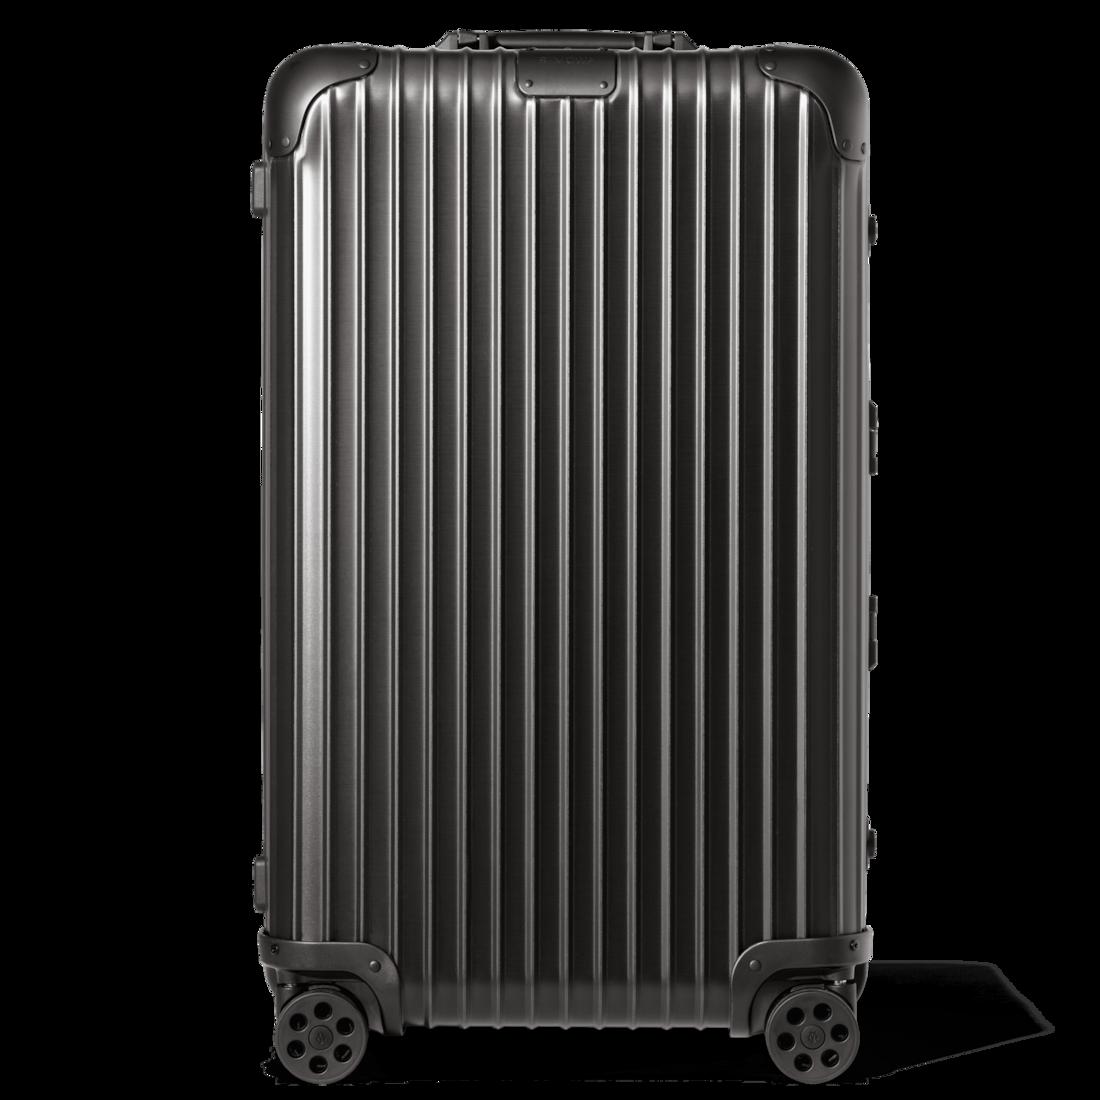 おしゃれなアルミ製スーツケース リモワ Trunk